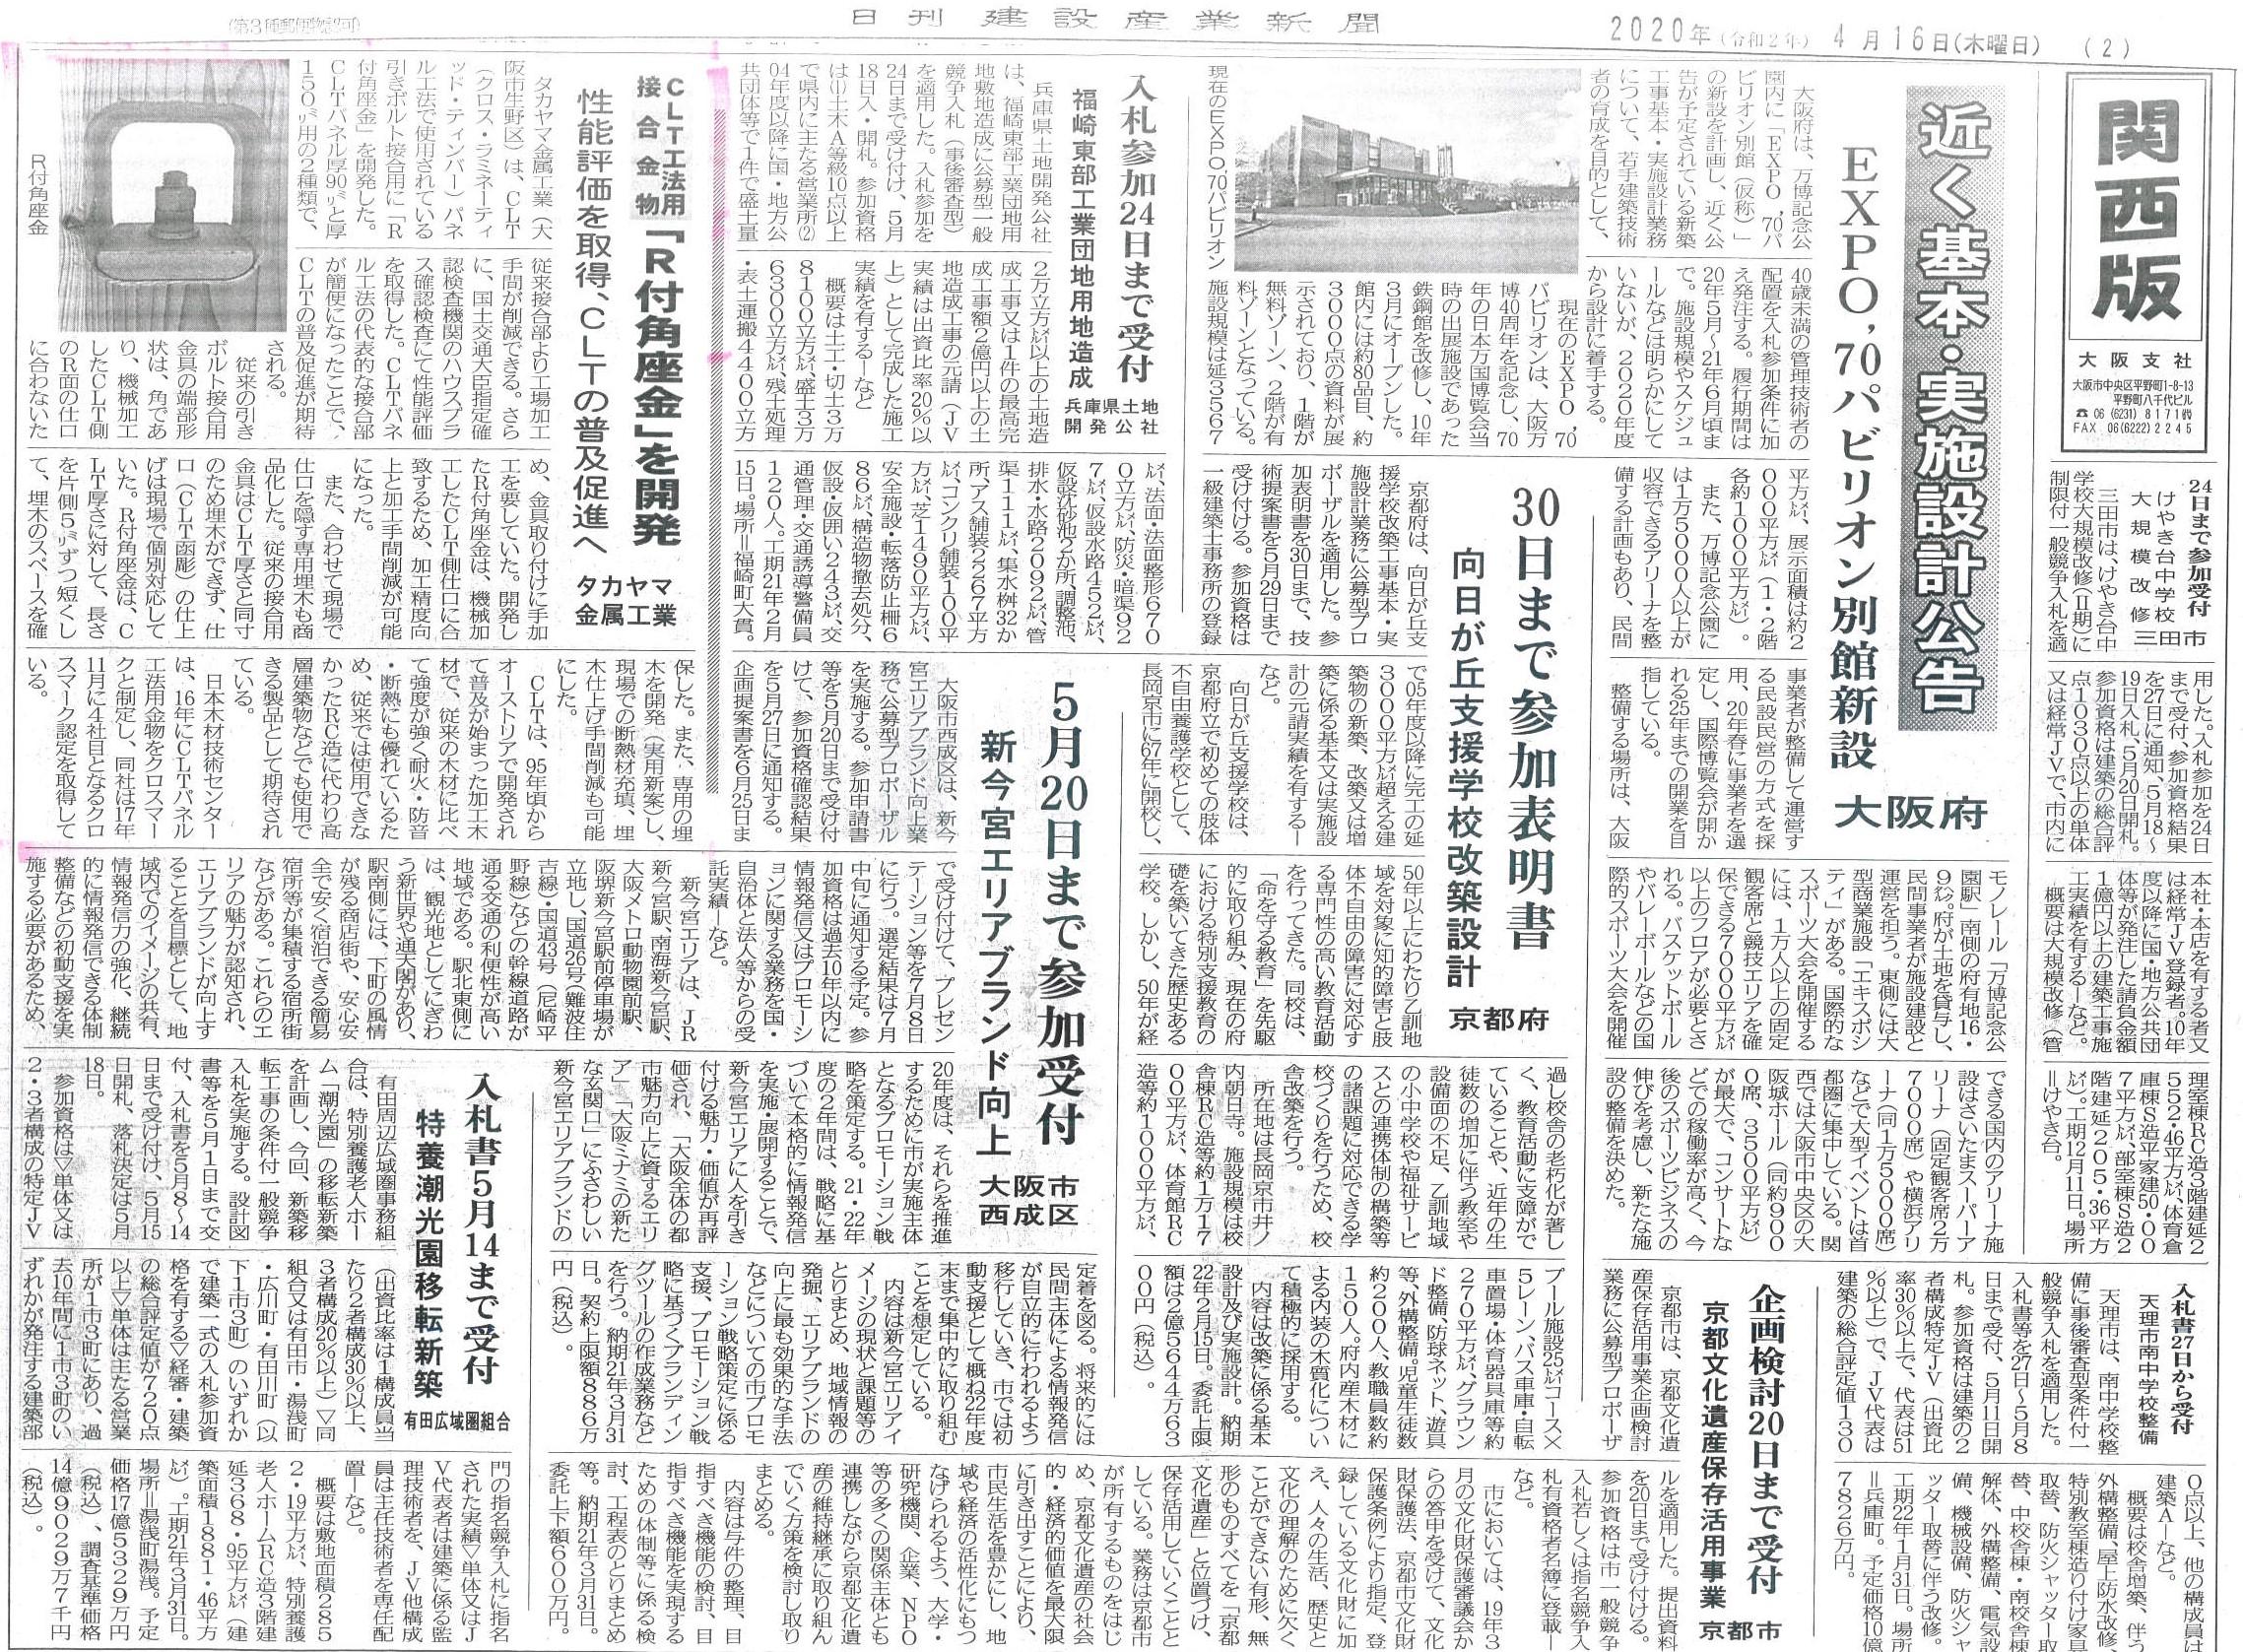 日刊建設産業新聞掲載記事【R付座金】2020年4月16日